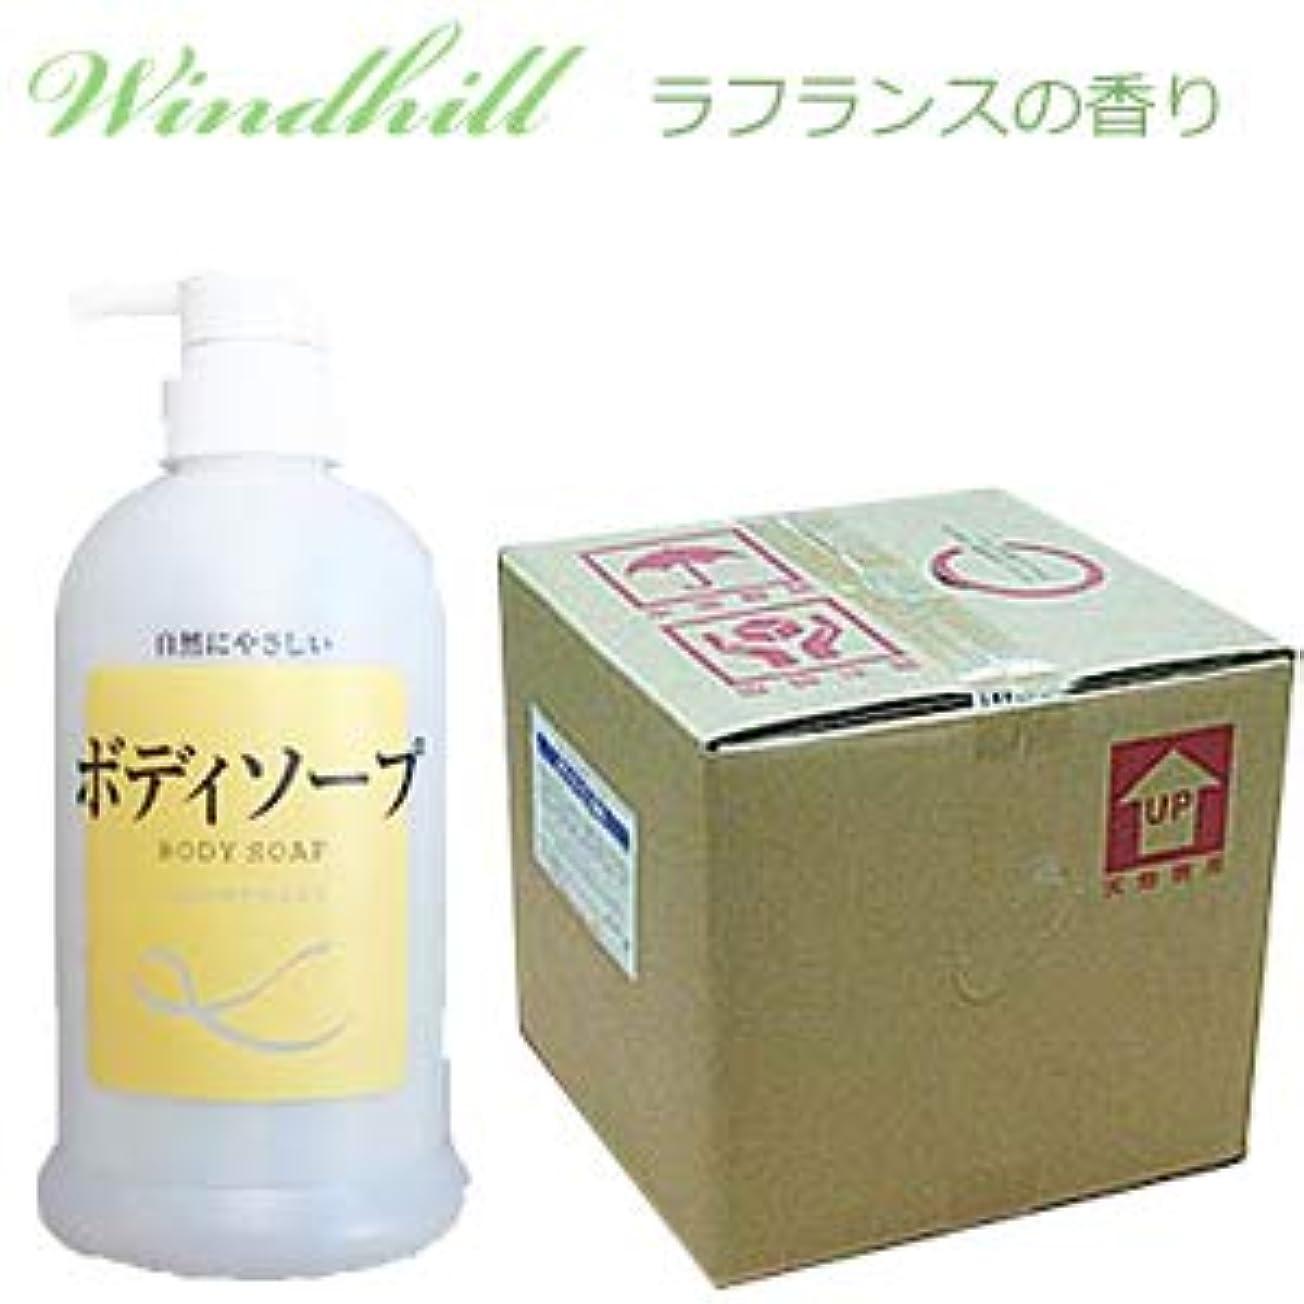 大急降下第四なんと! 500ml当り173円 Windhill 植物性 業務用 ボディソープ  爽やかなラフランスの香り 20L